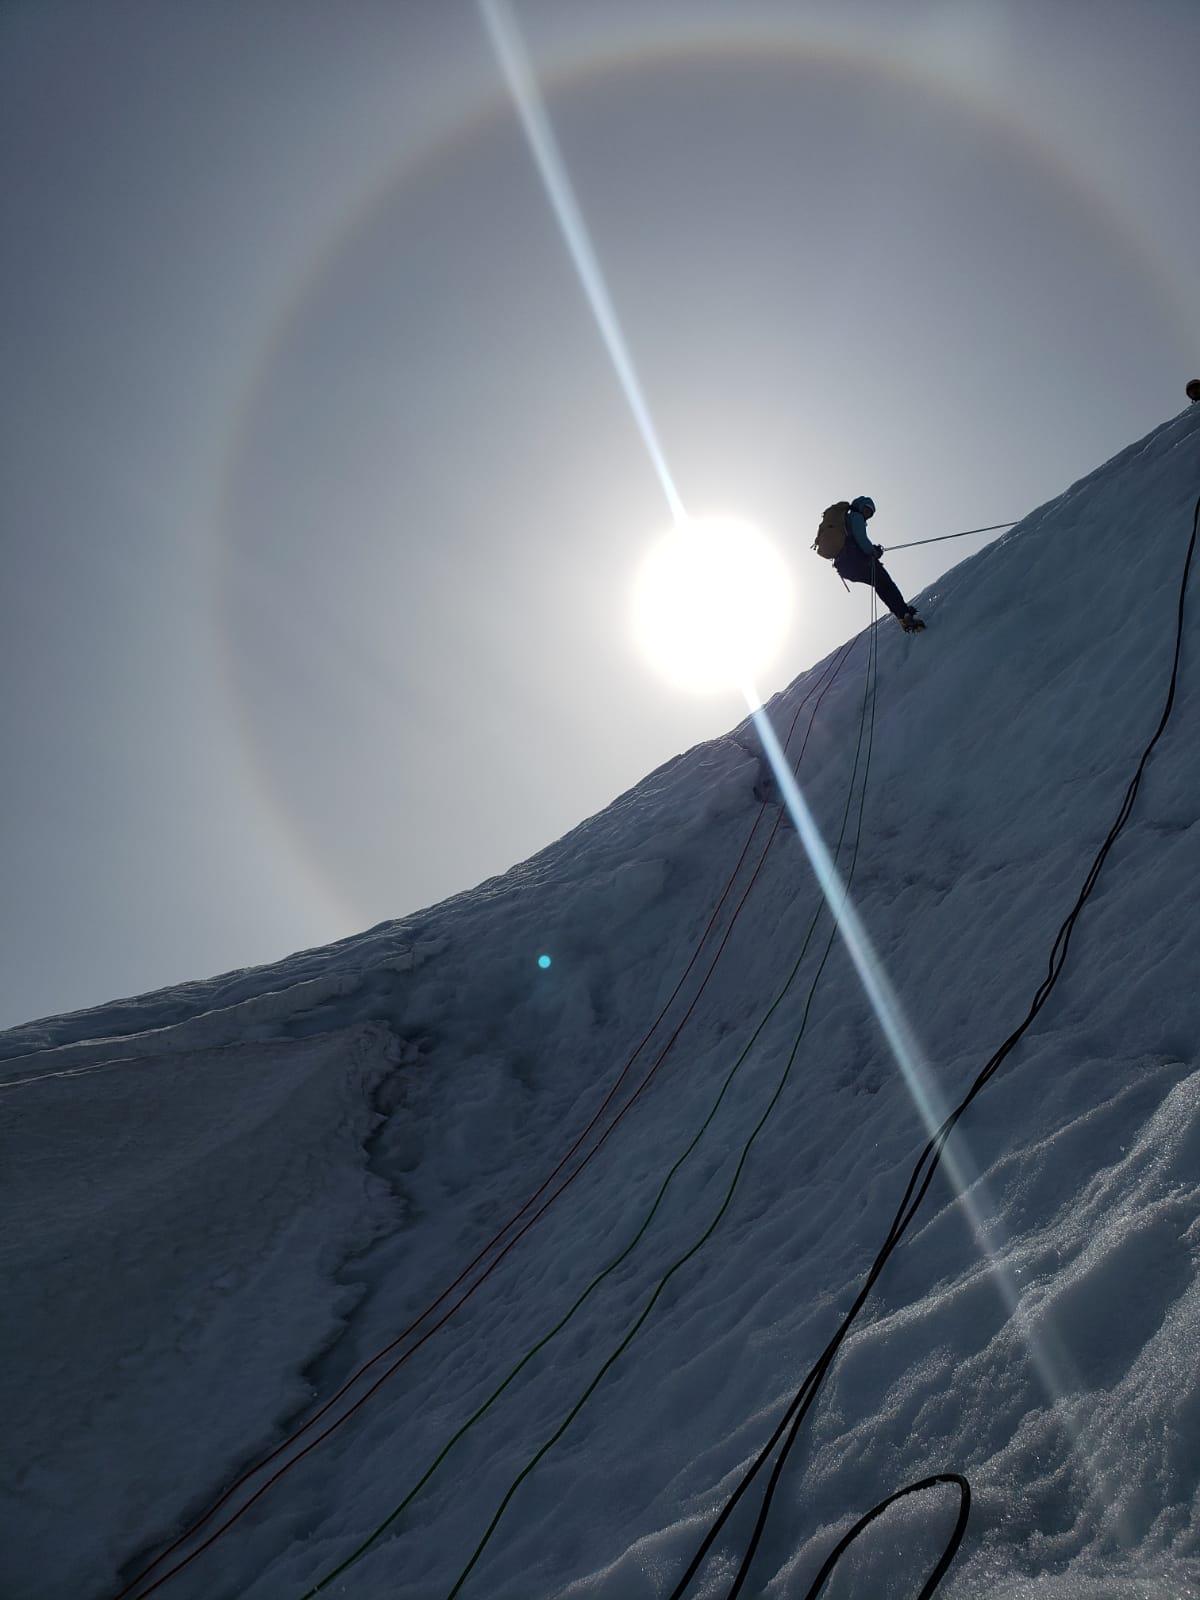 Climb the Matanuska Glacier